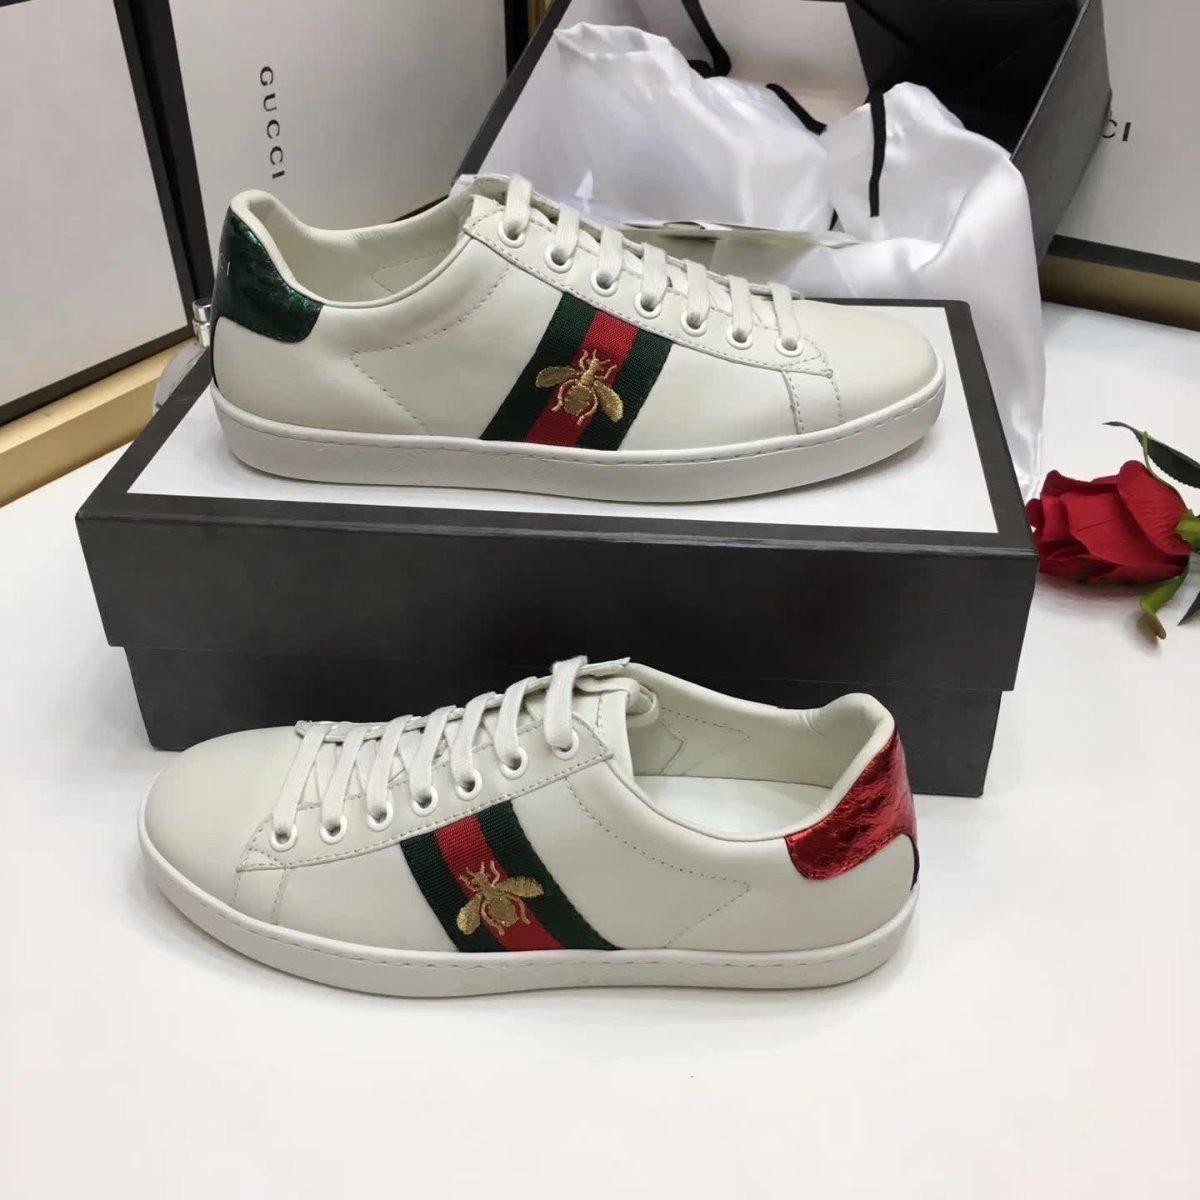 75c0c2416 Tênis Gucci Original - R$ 210,00 em Mercado Livre